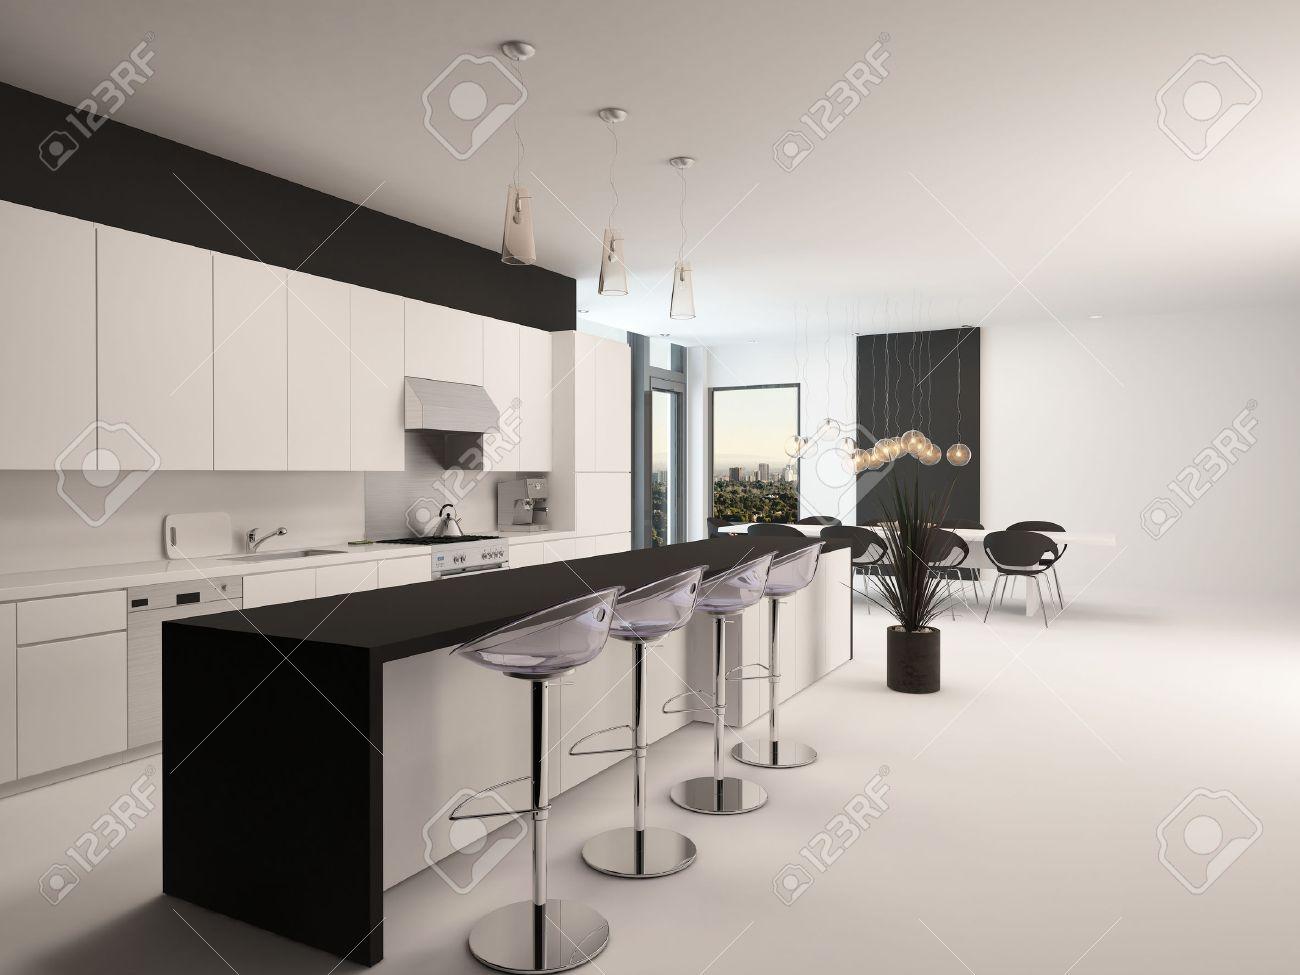 Conosciuto Cucine Moderne Con Bancone YS22 » Regardsdefemmes UA66